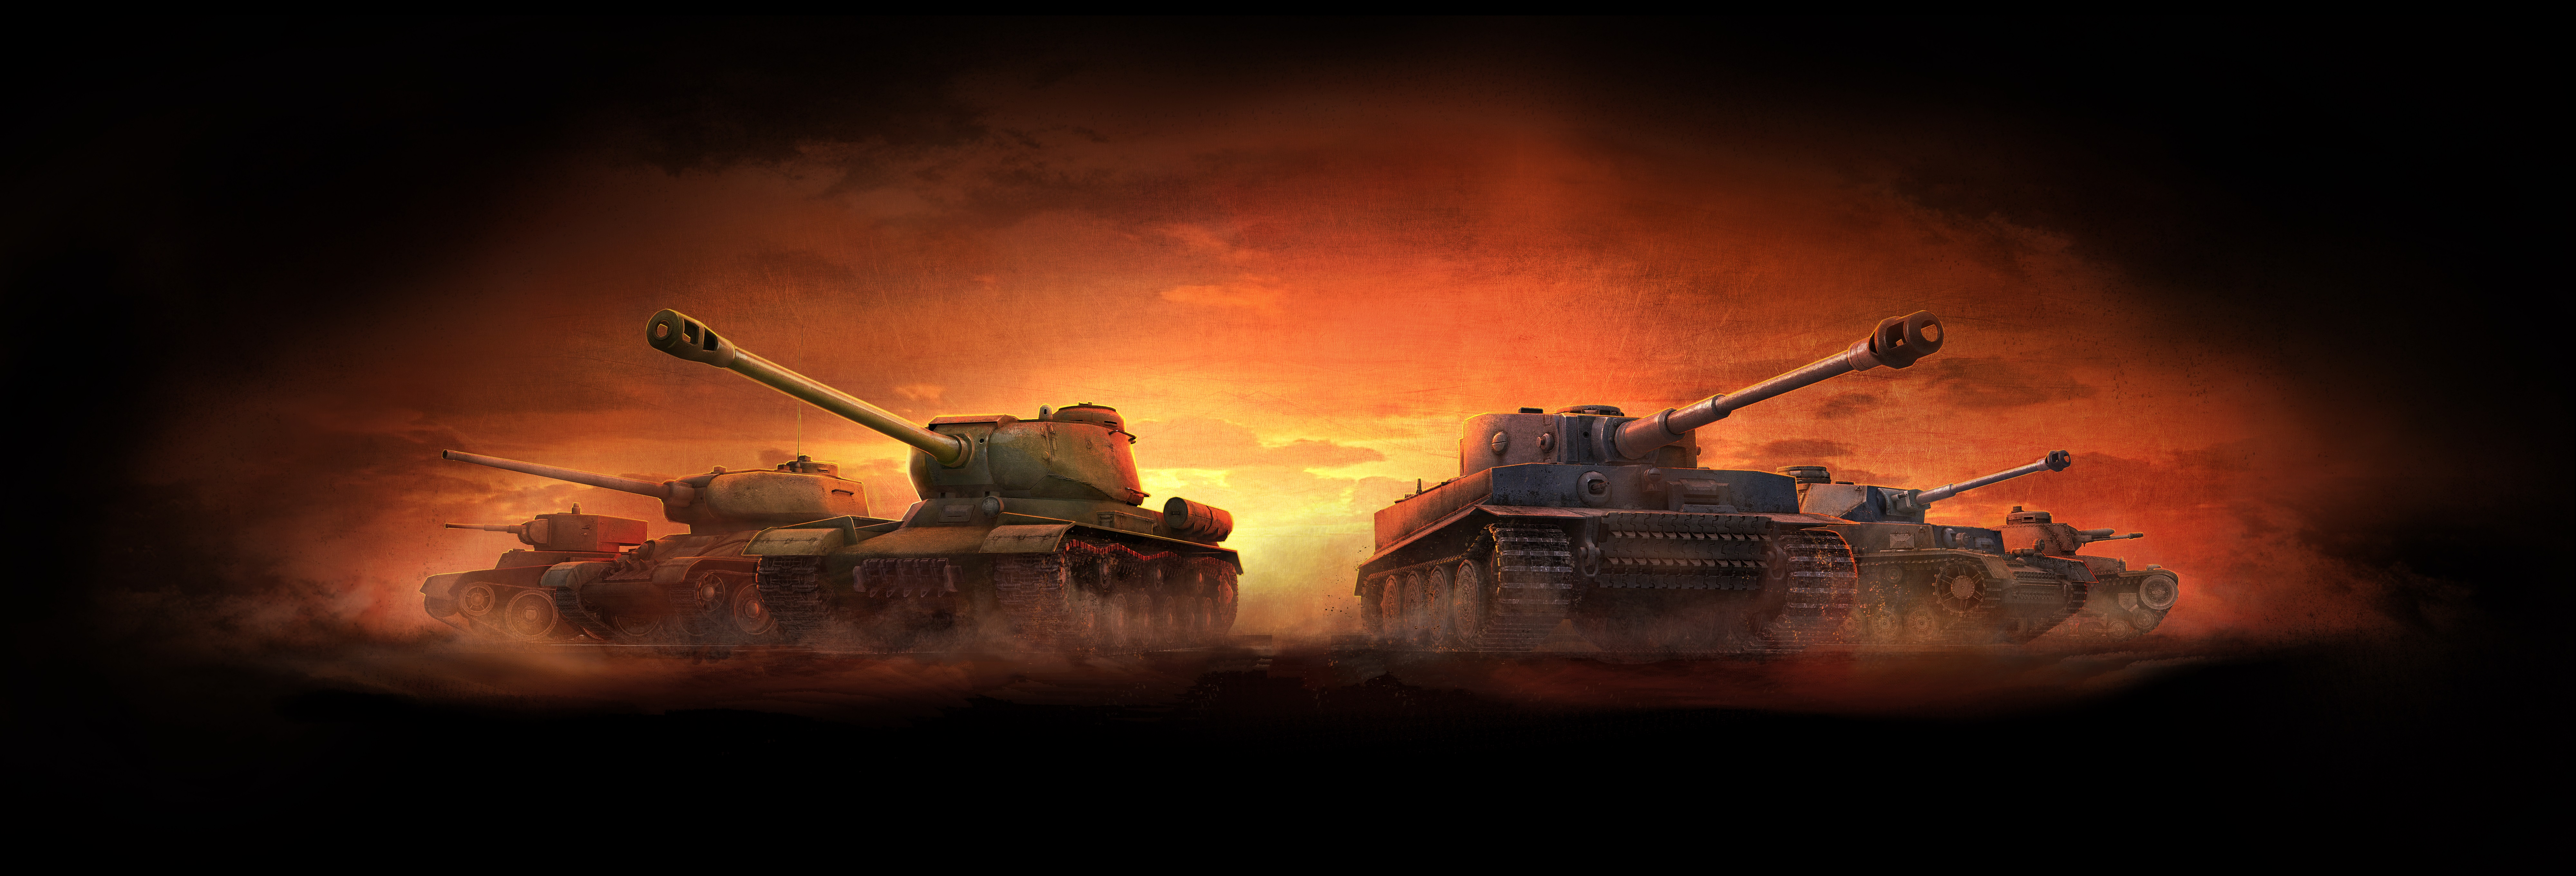 обои на рабочий стол ворлд оф танк с большим разрешением № 2175  скачать